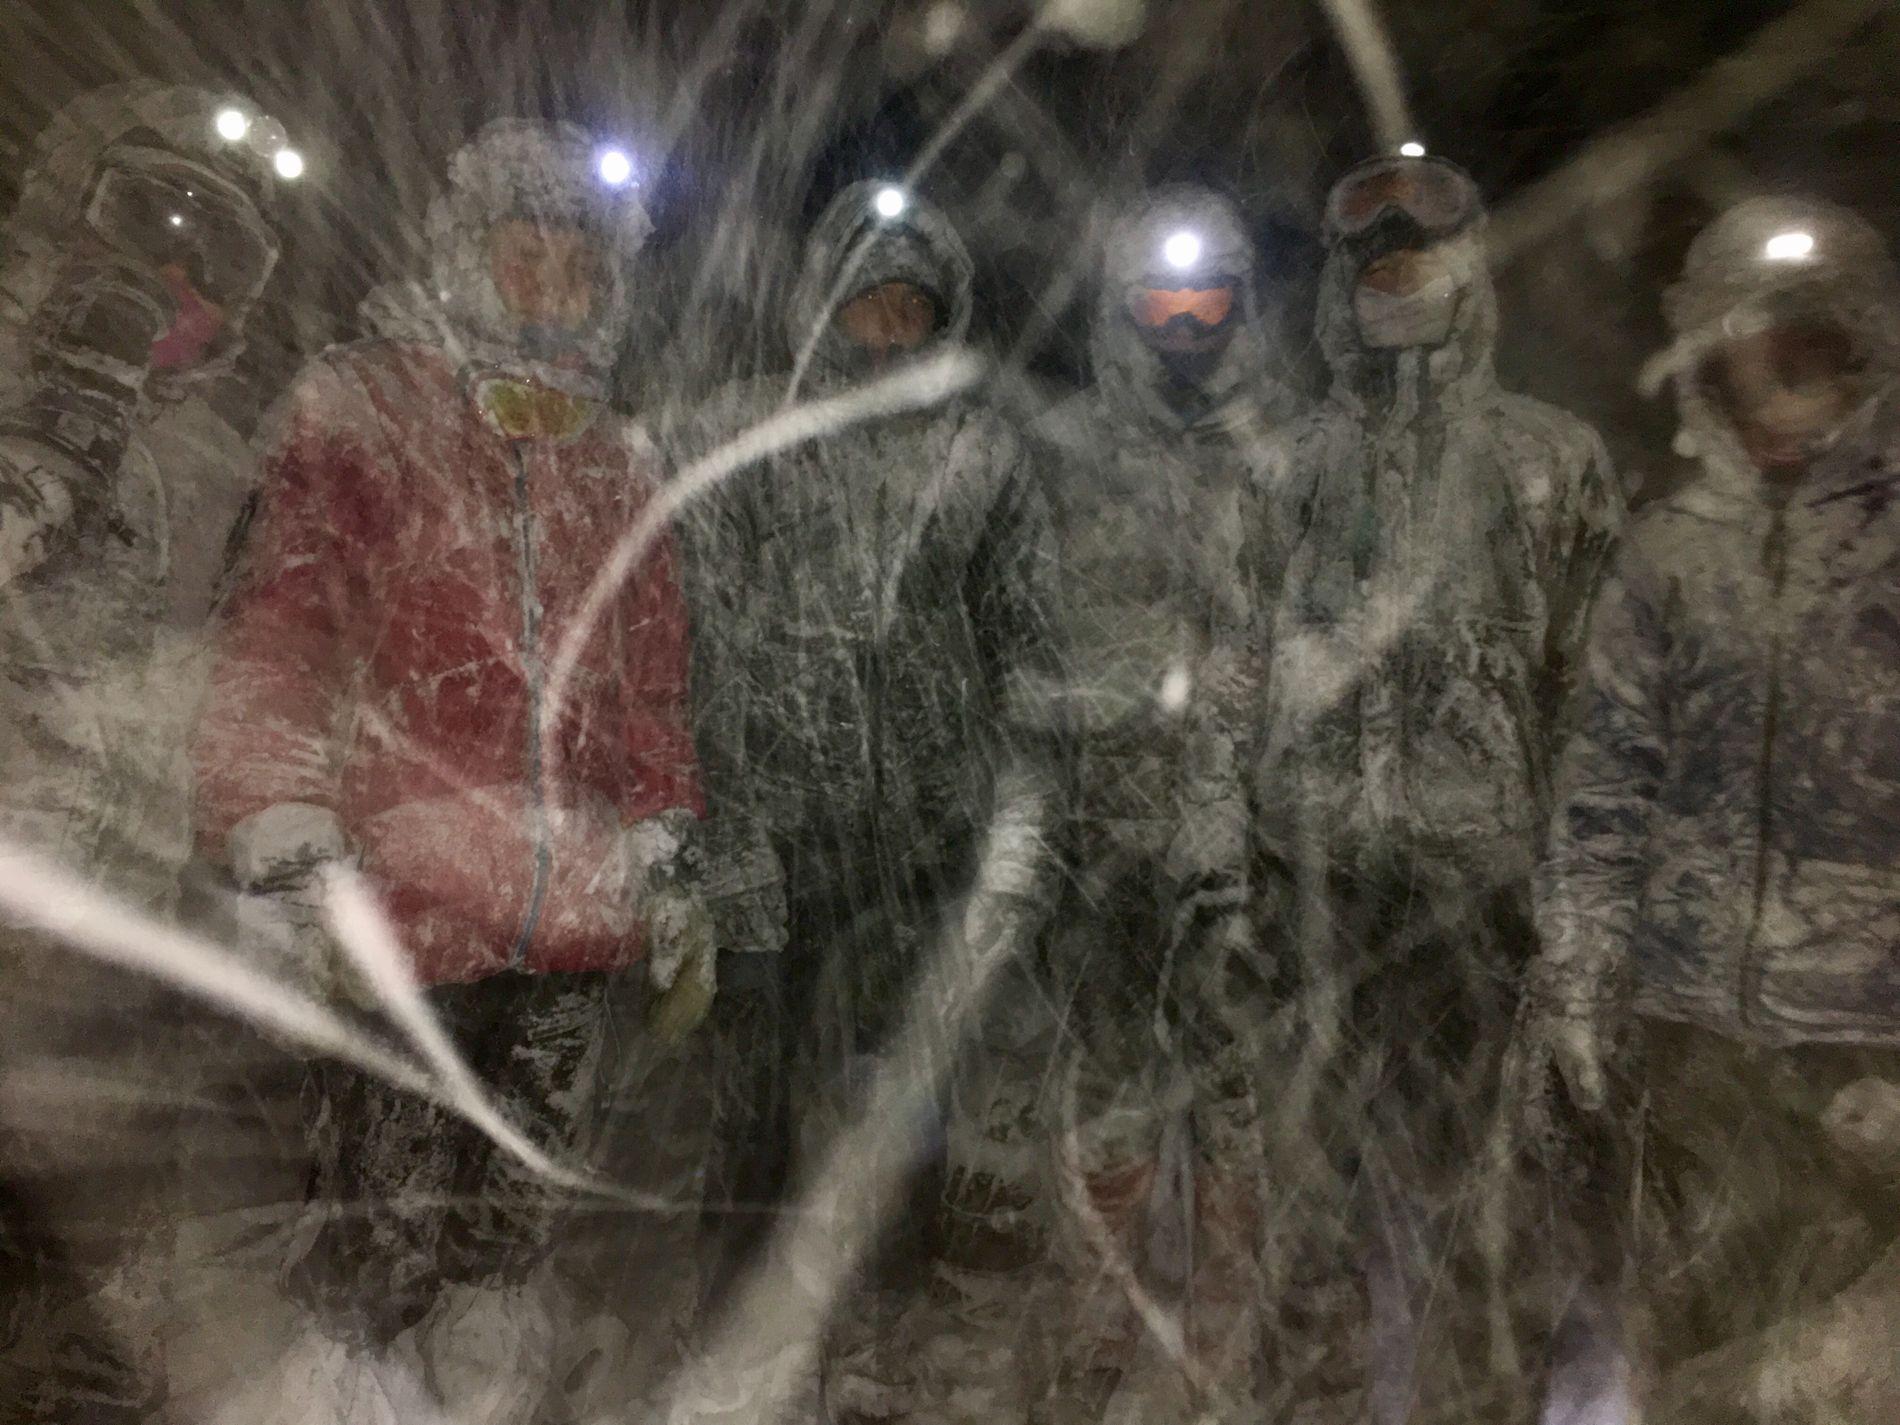 REDDET: Her venter elevene på hjelpemannskaper etter at de har klart å redde ut medelever fra den sammenraste hulen.